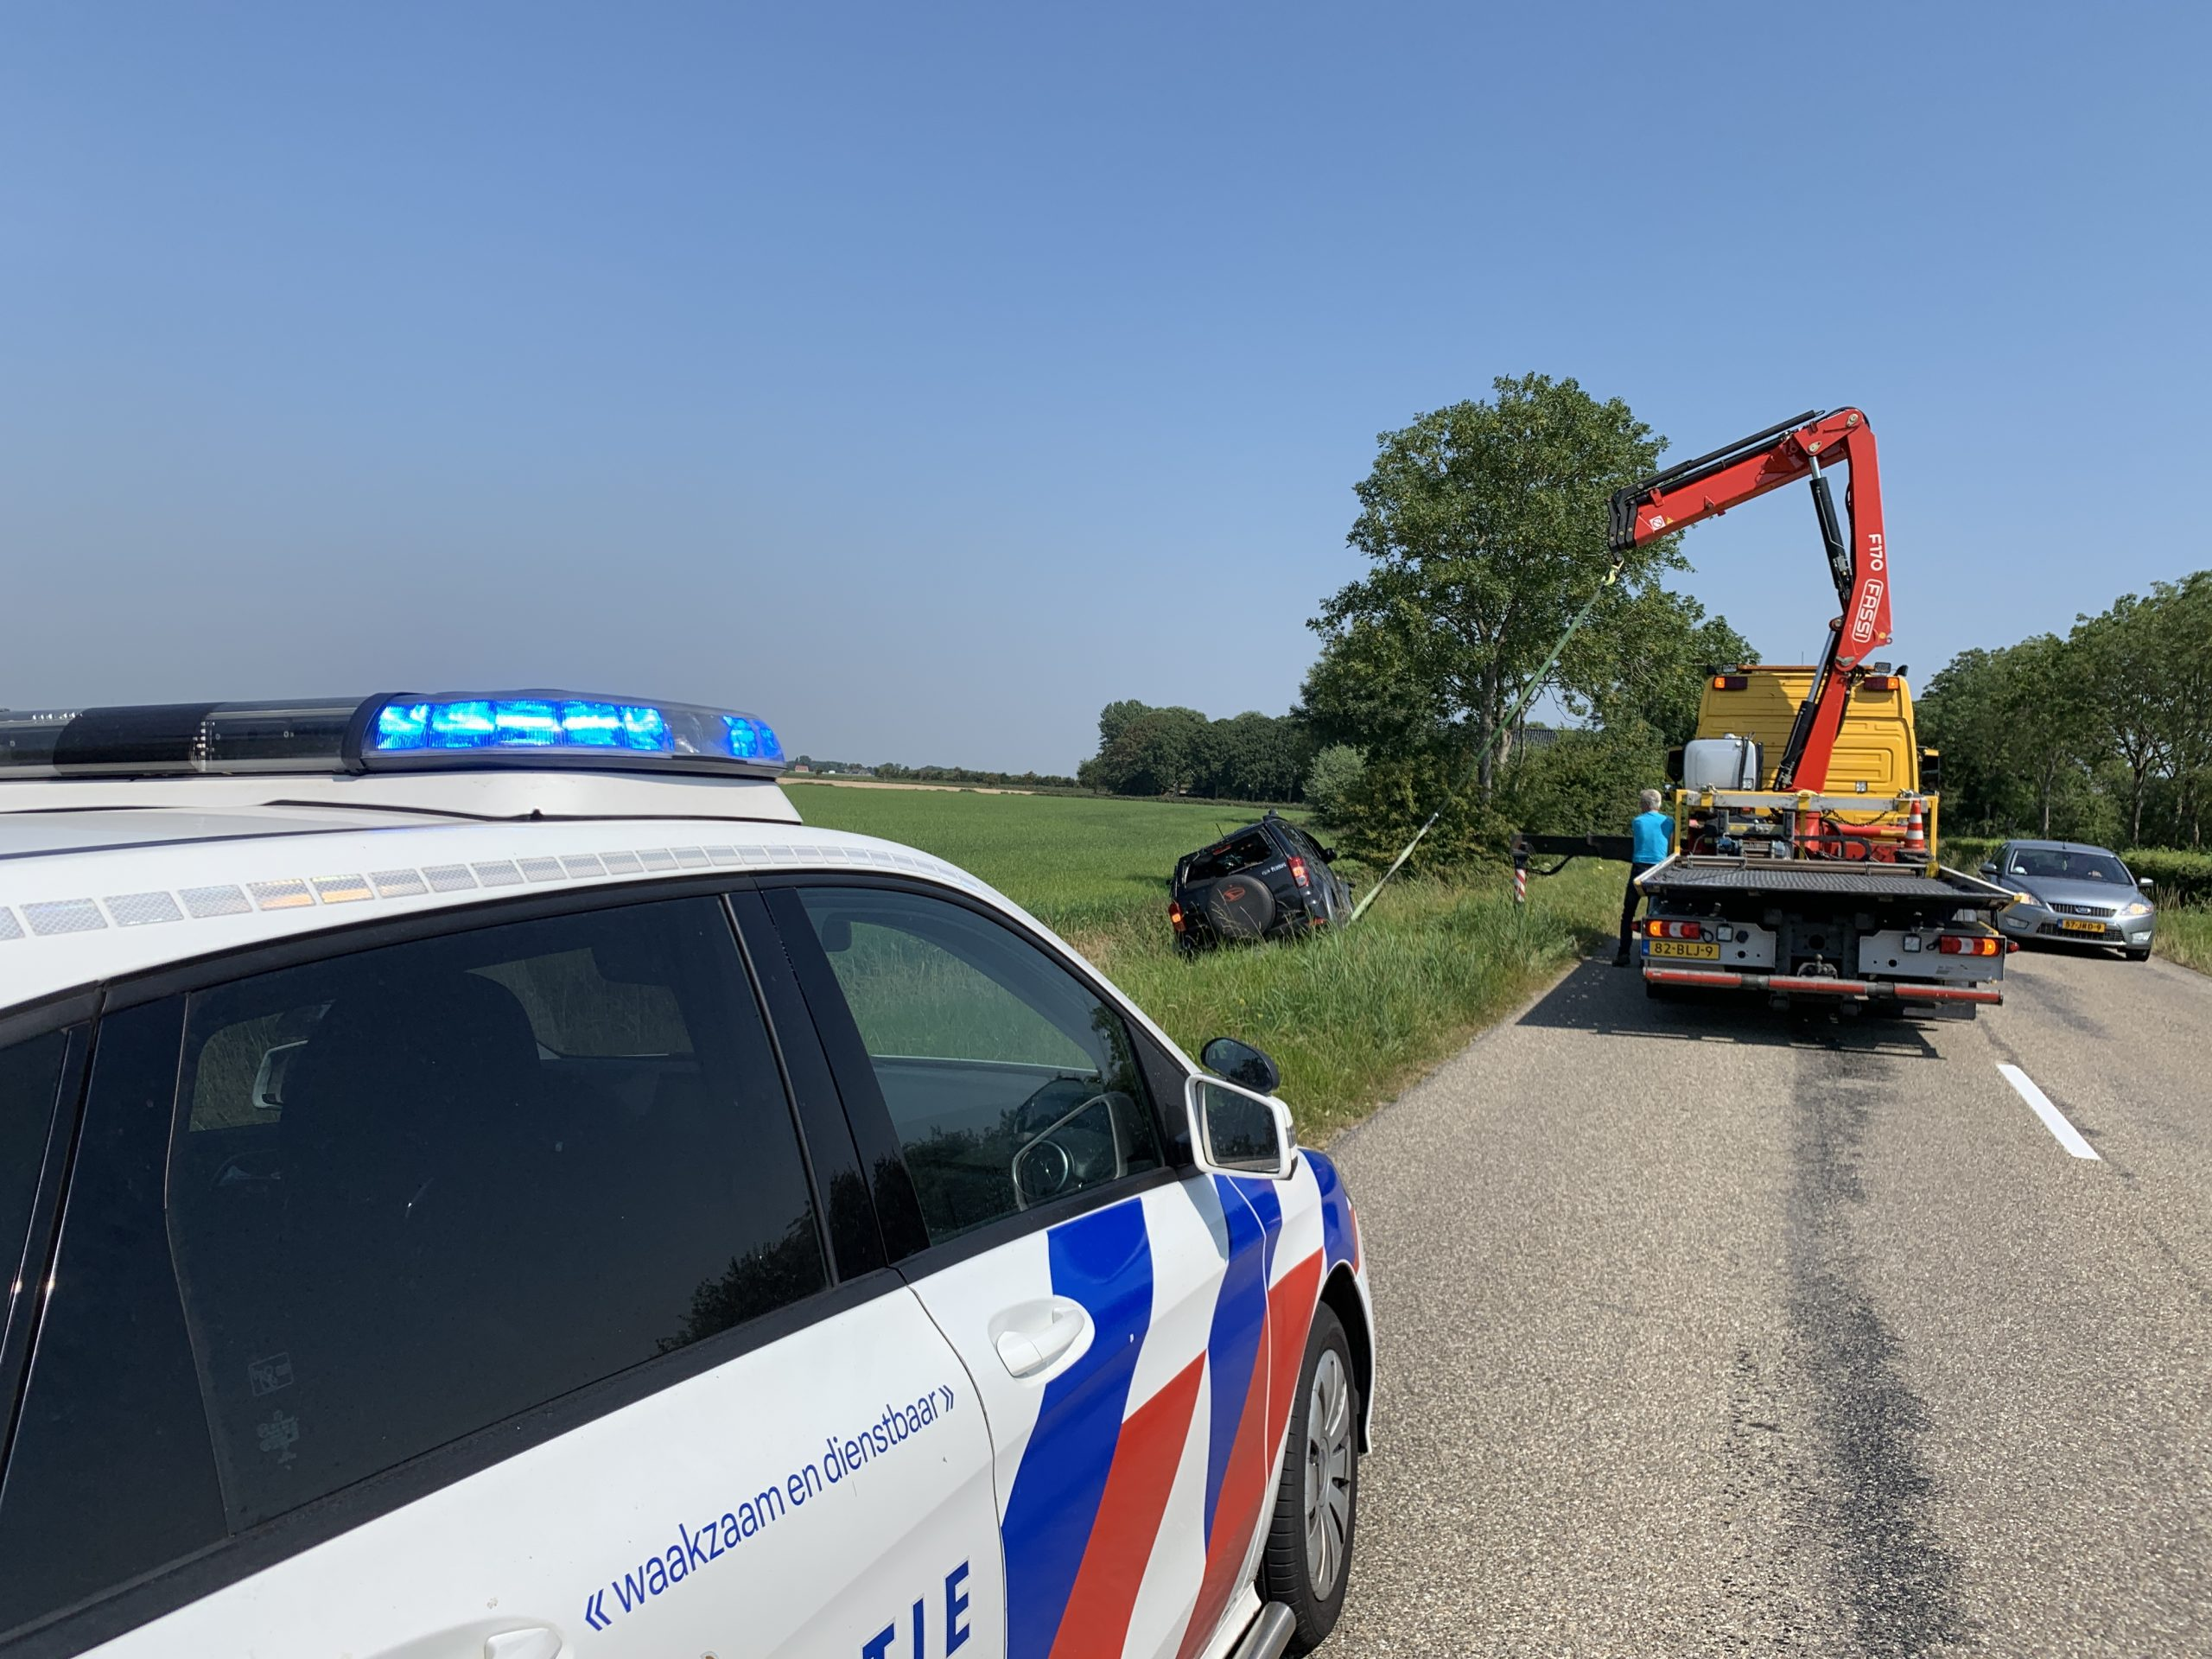 Twee inzittenden ongedeerd na eenzijdig ongeval Op de Rijksstraatweg bij Schalsum